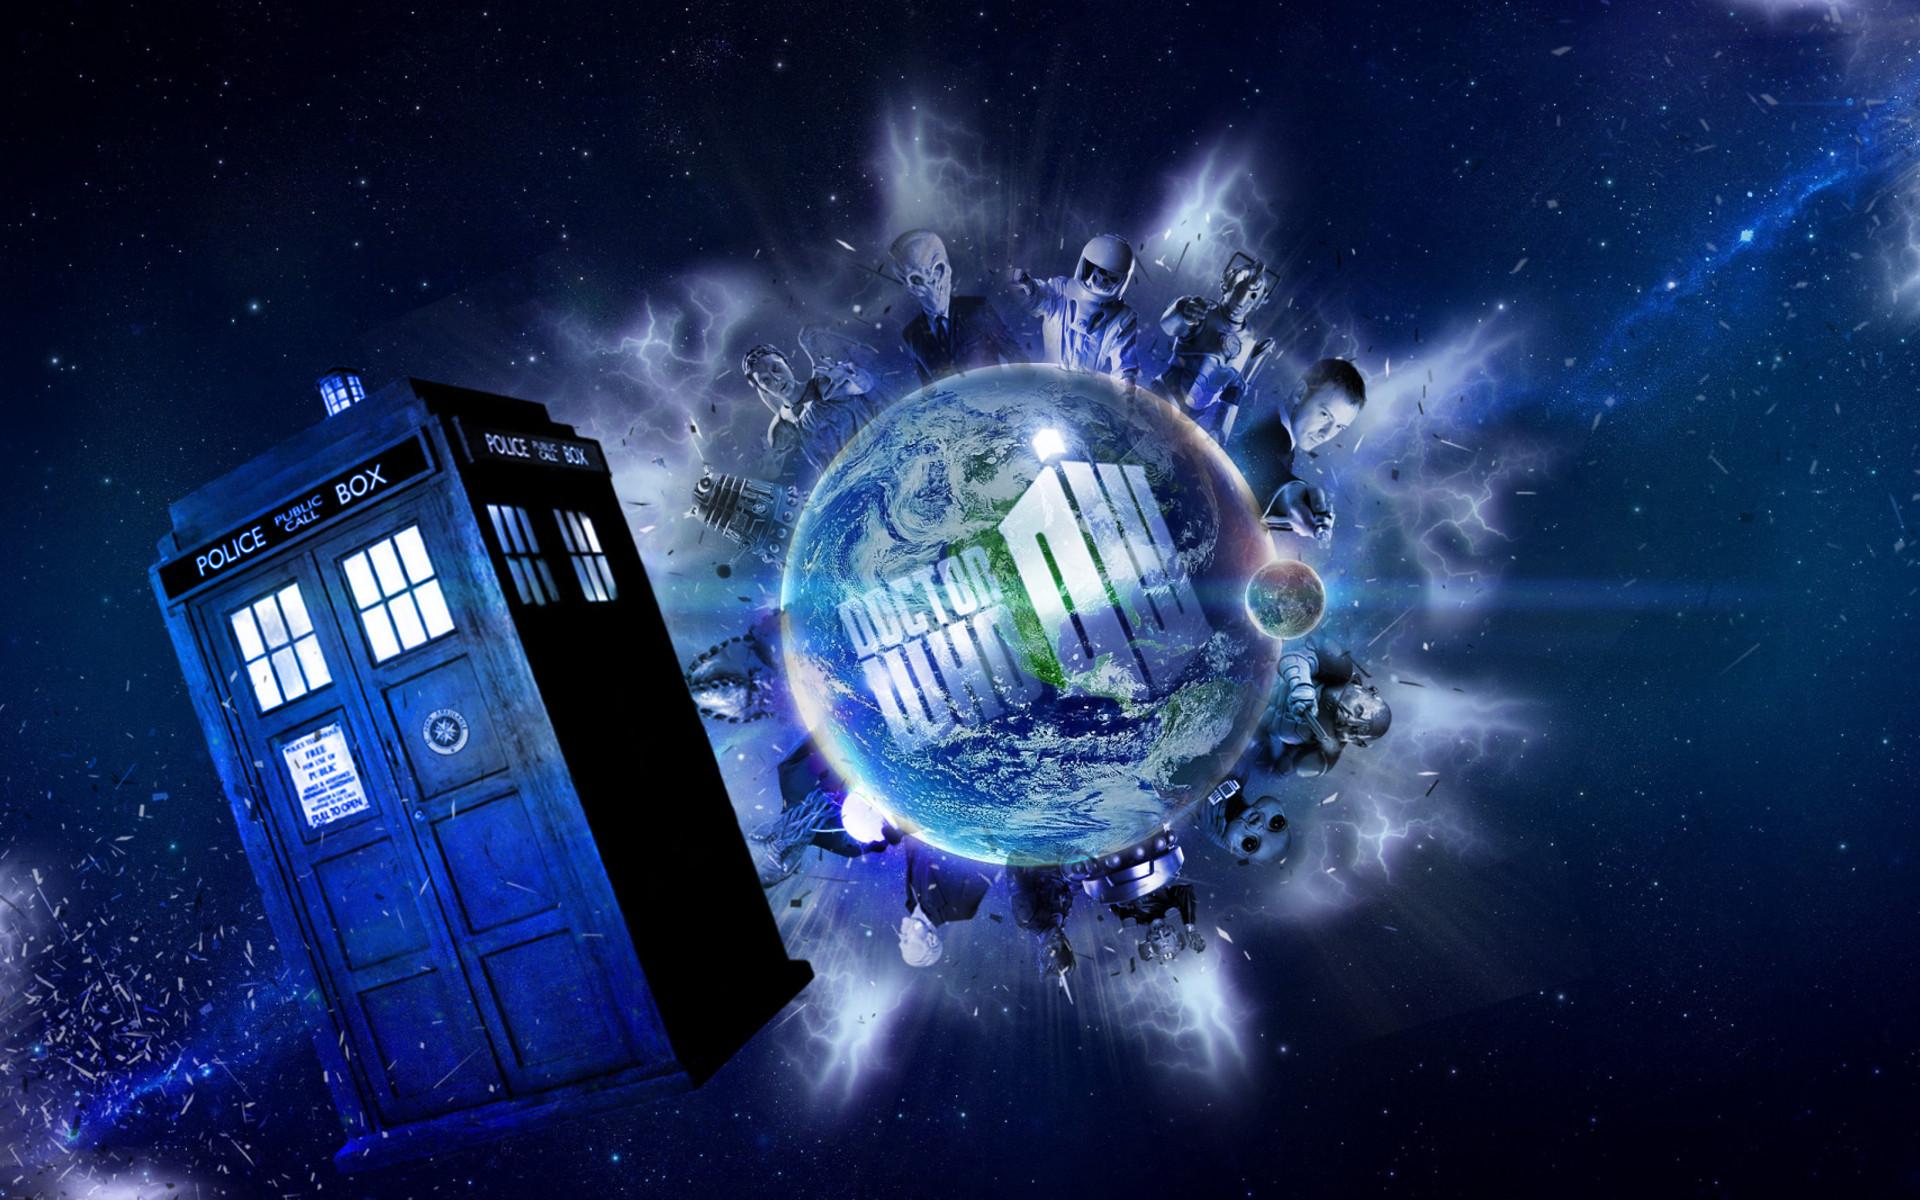 Doctor Who Desktop Wallpaper 1080p